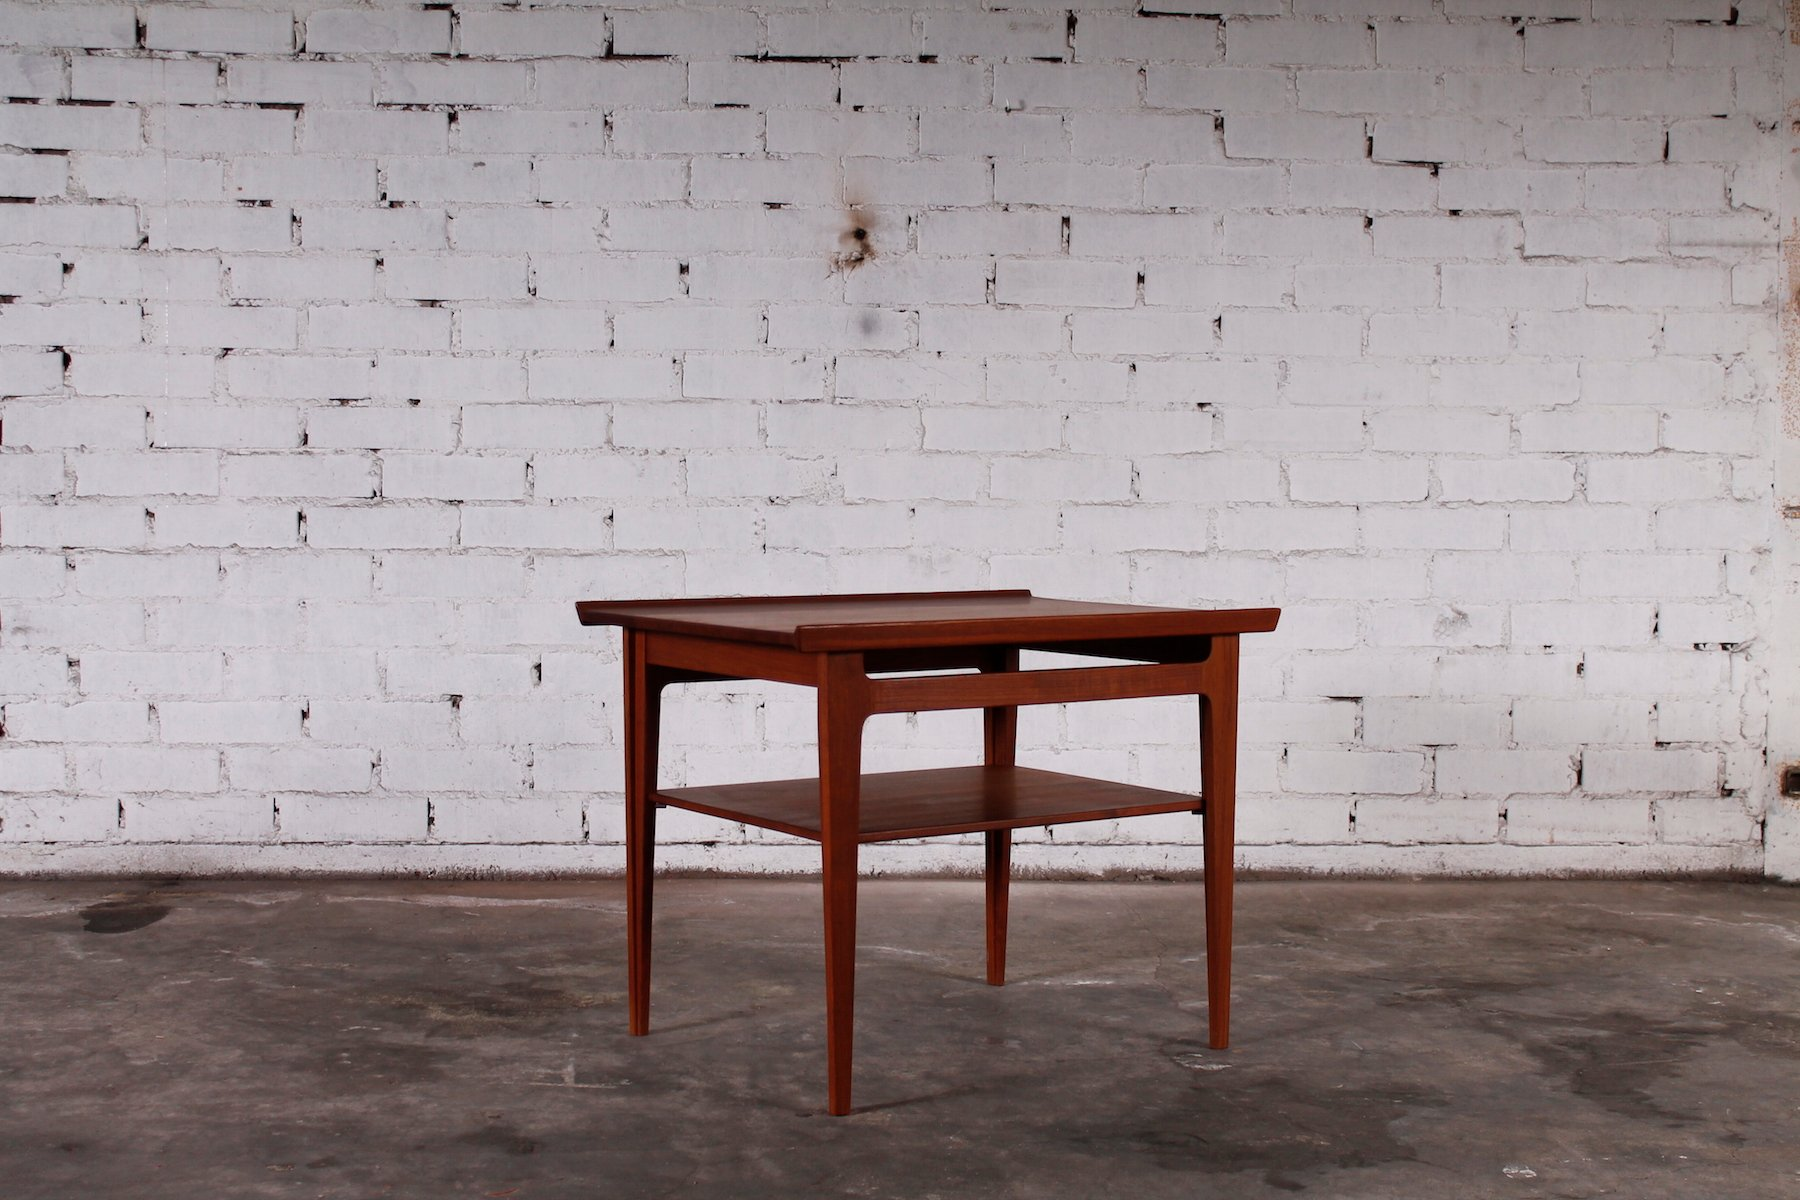 d nsicher mid century teak beistelltisch von finn juhl f r france son bei pamono kaufen. Black Bedroom Furniture Sets. Home Design Ideas